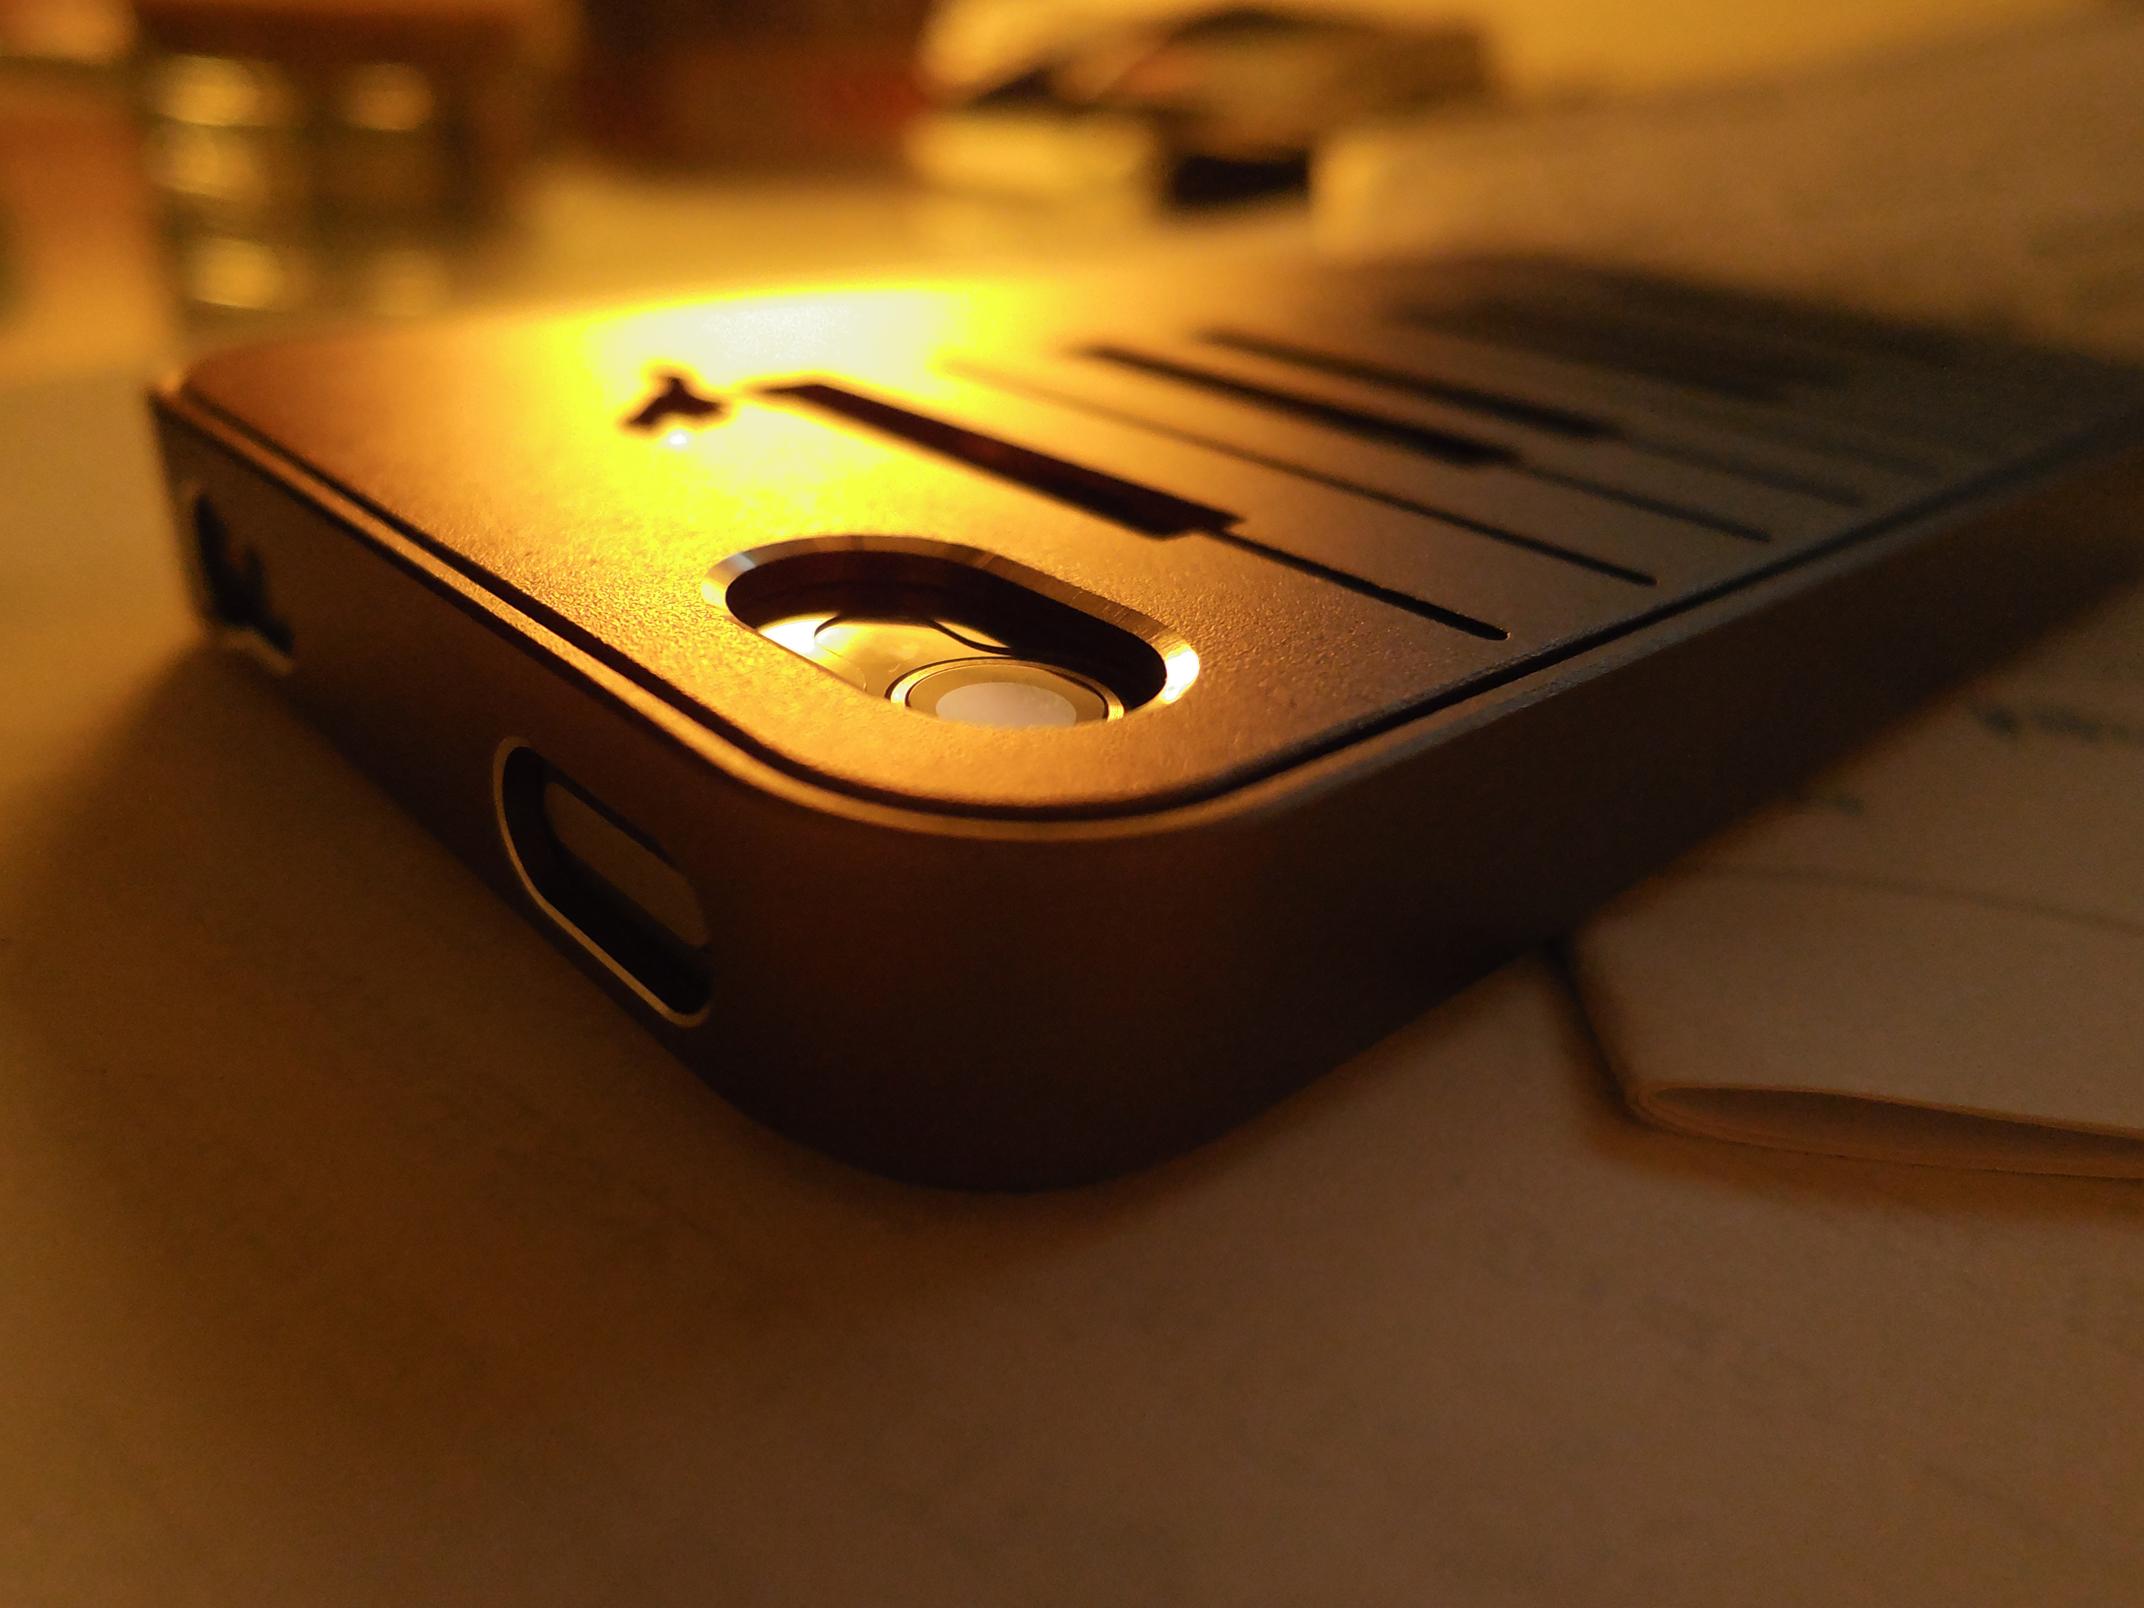 G1实拍图 - iphone4s手机壳